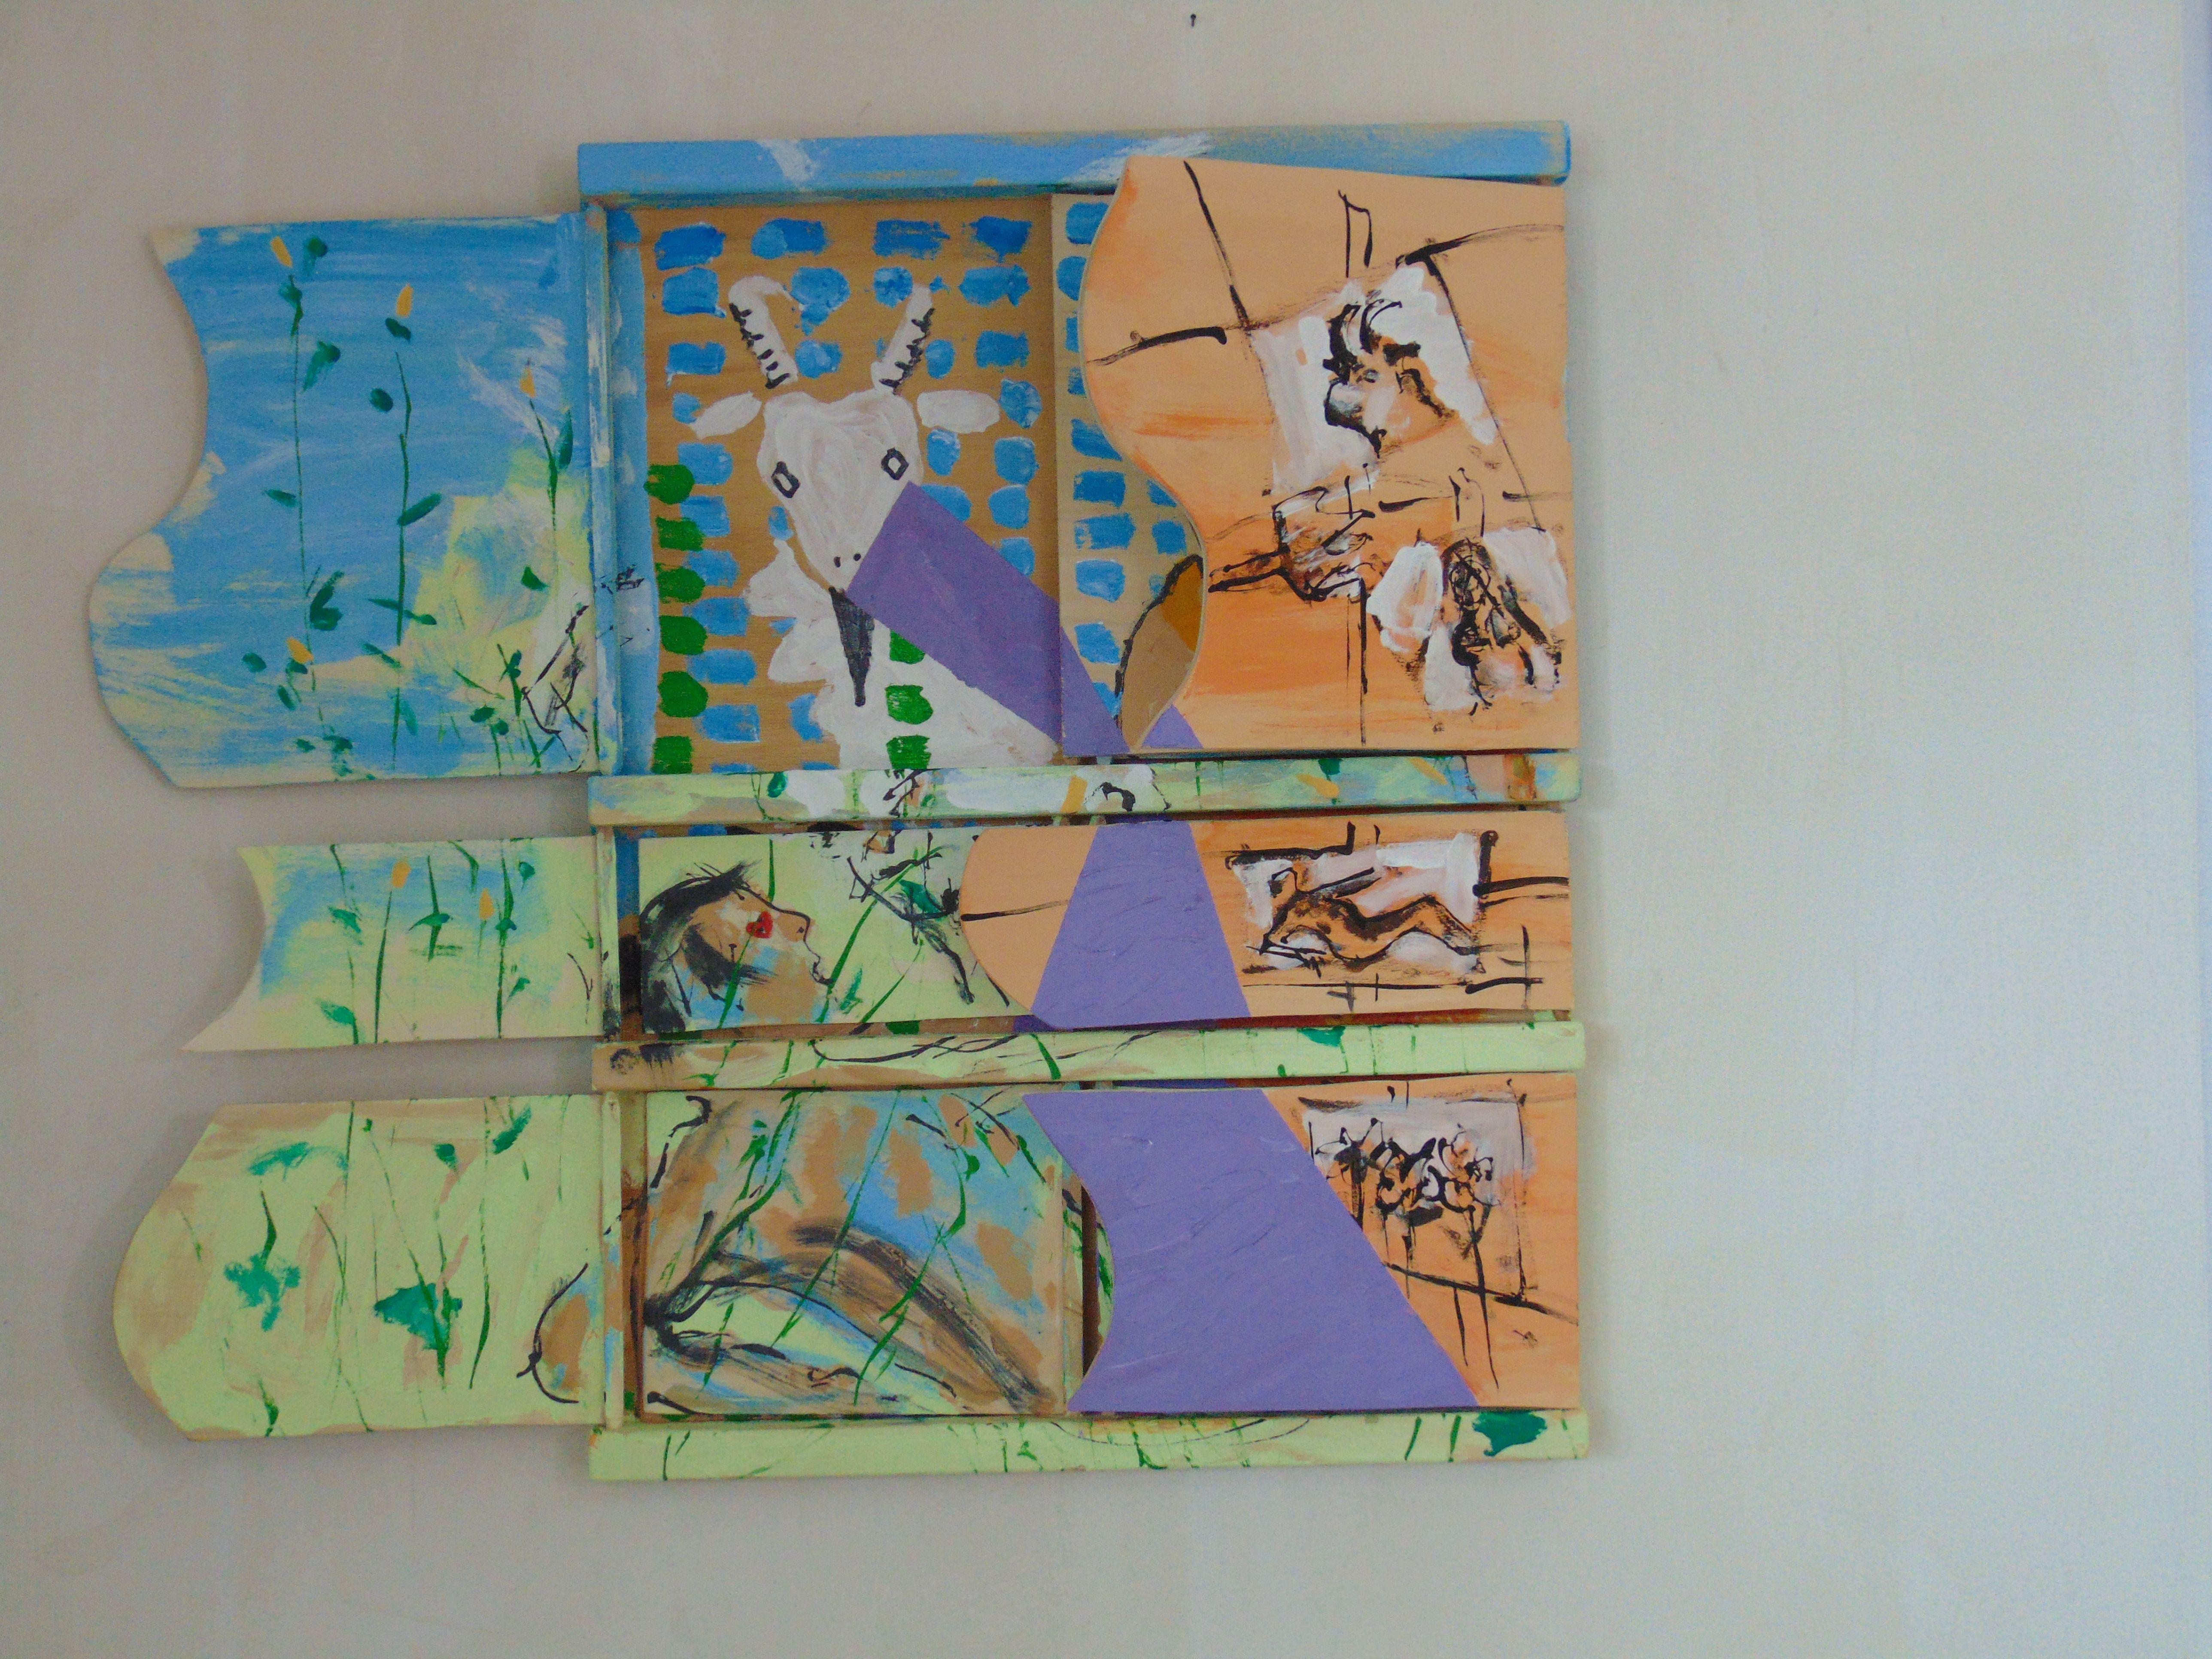 Junger Mann, Ziege, skizzierte Bilder